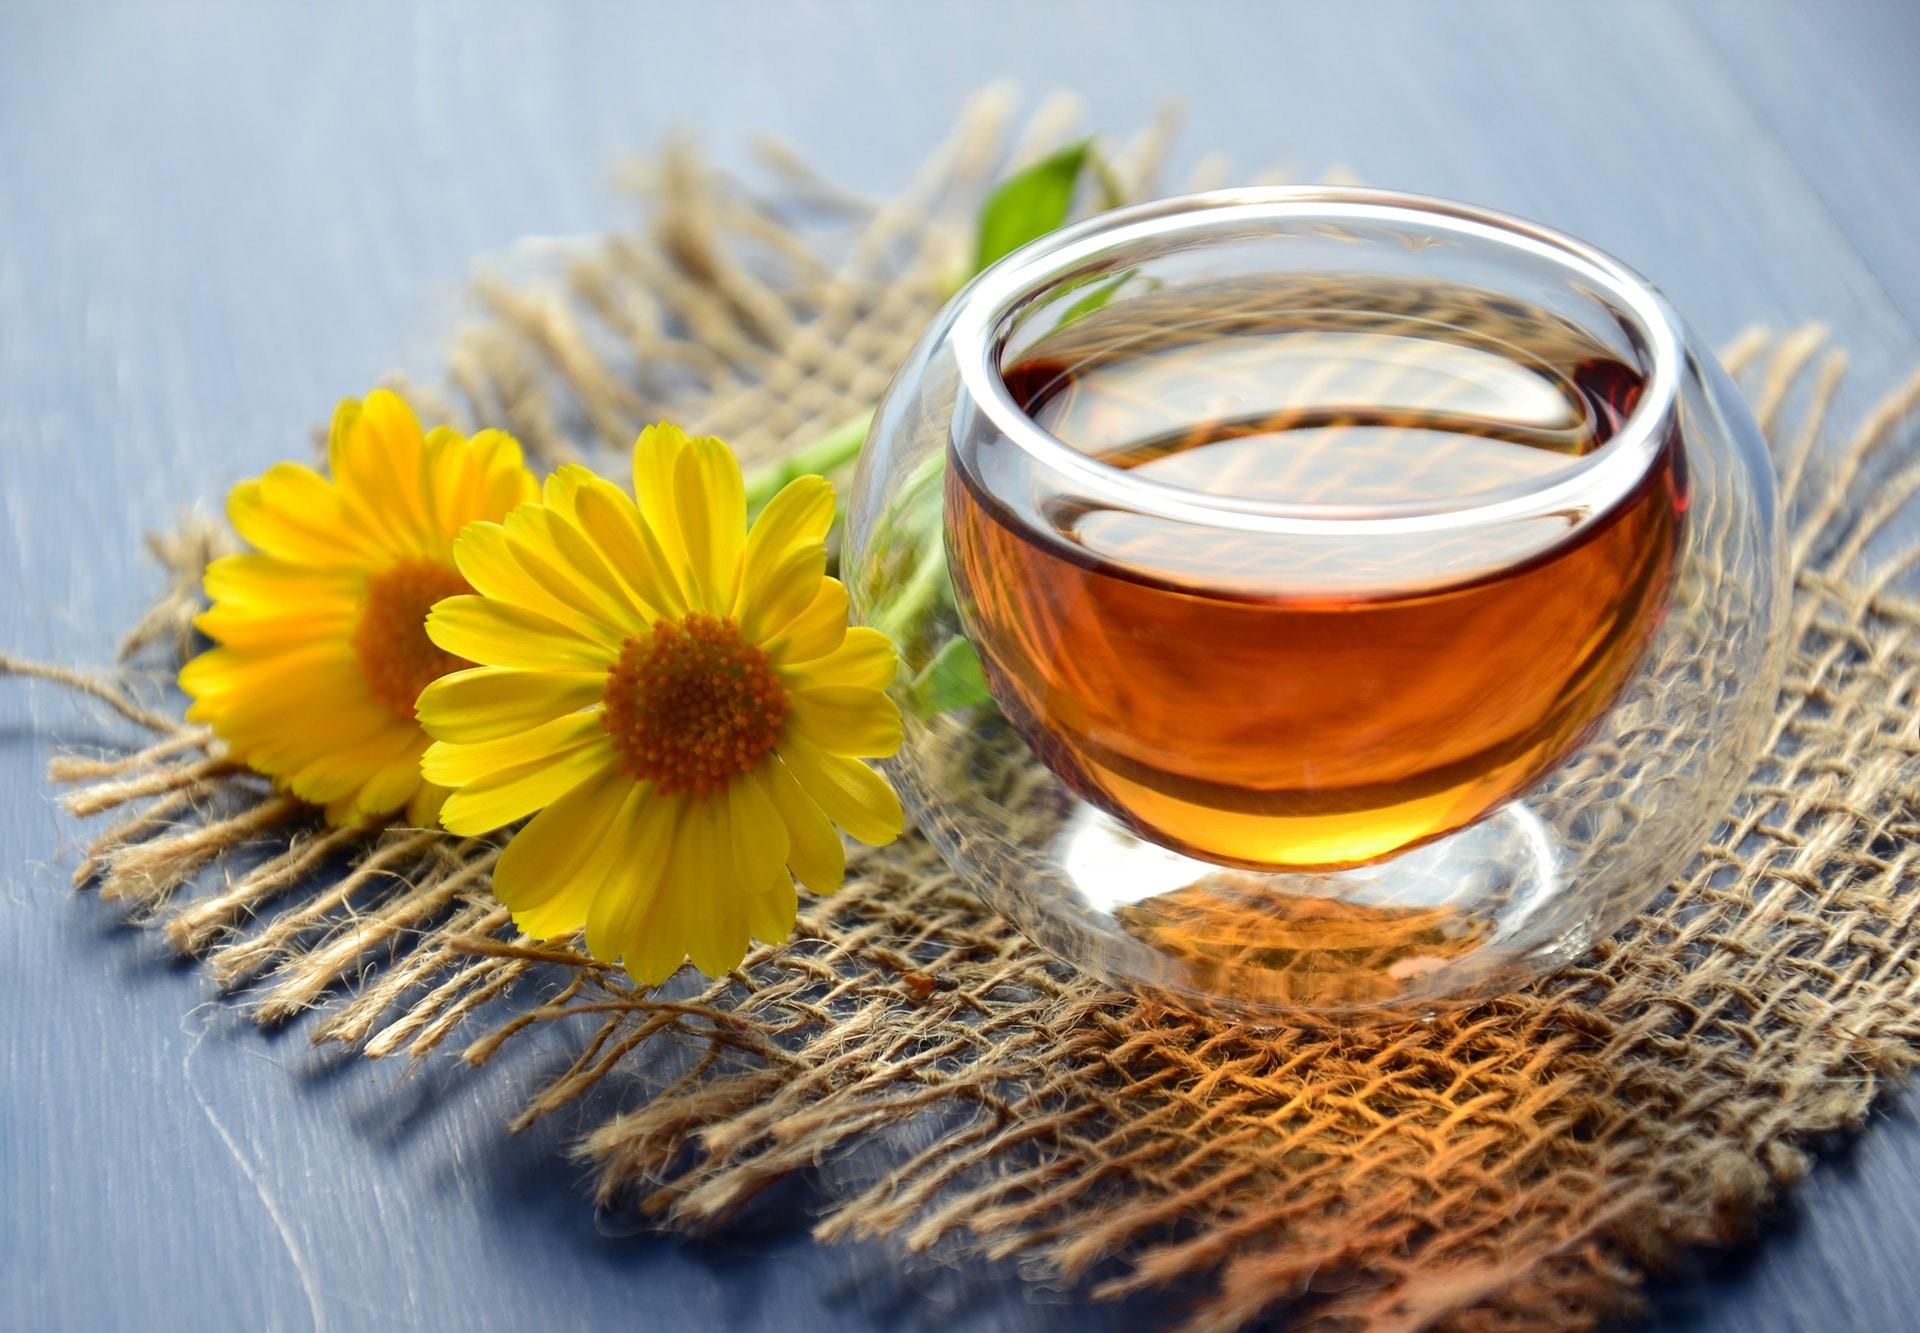 Verwöhnung mit dem Honig